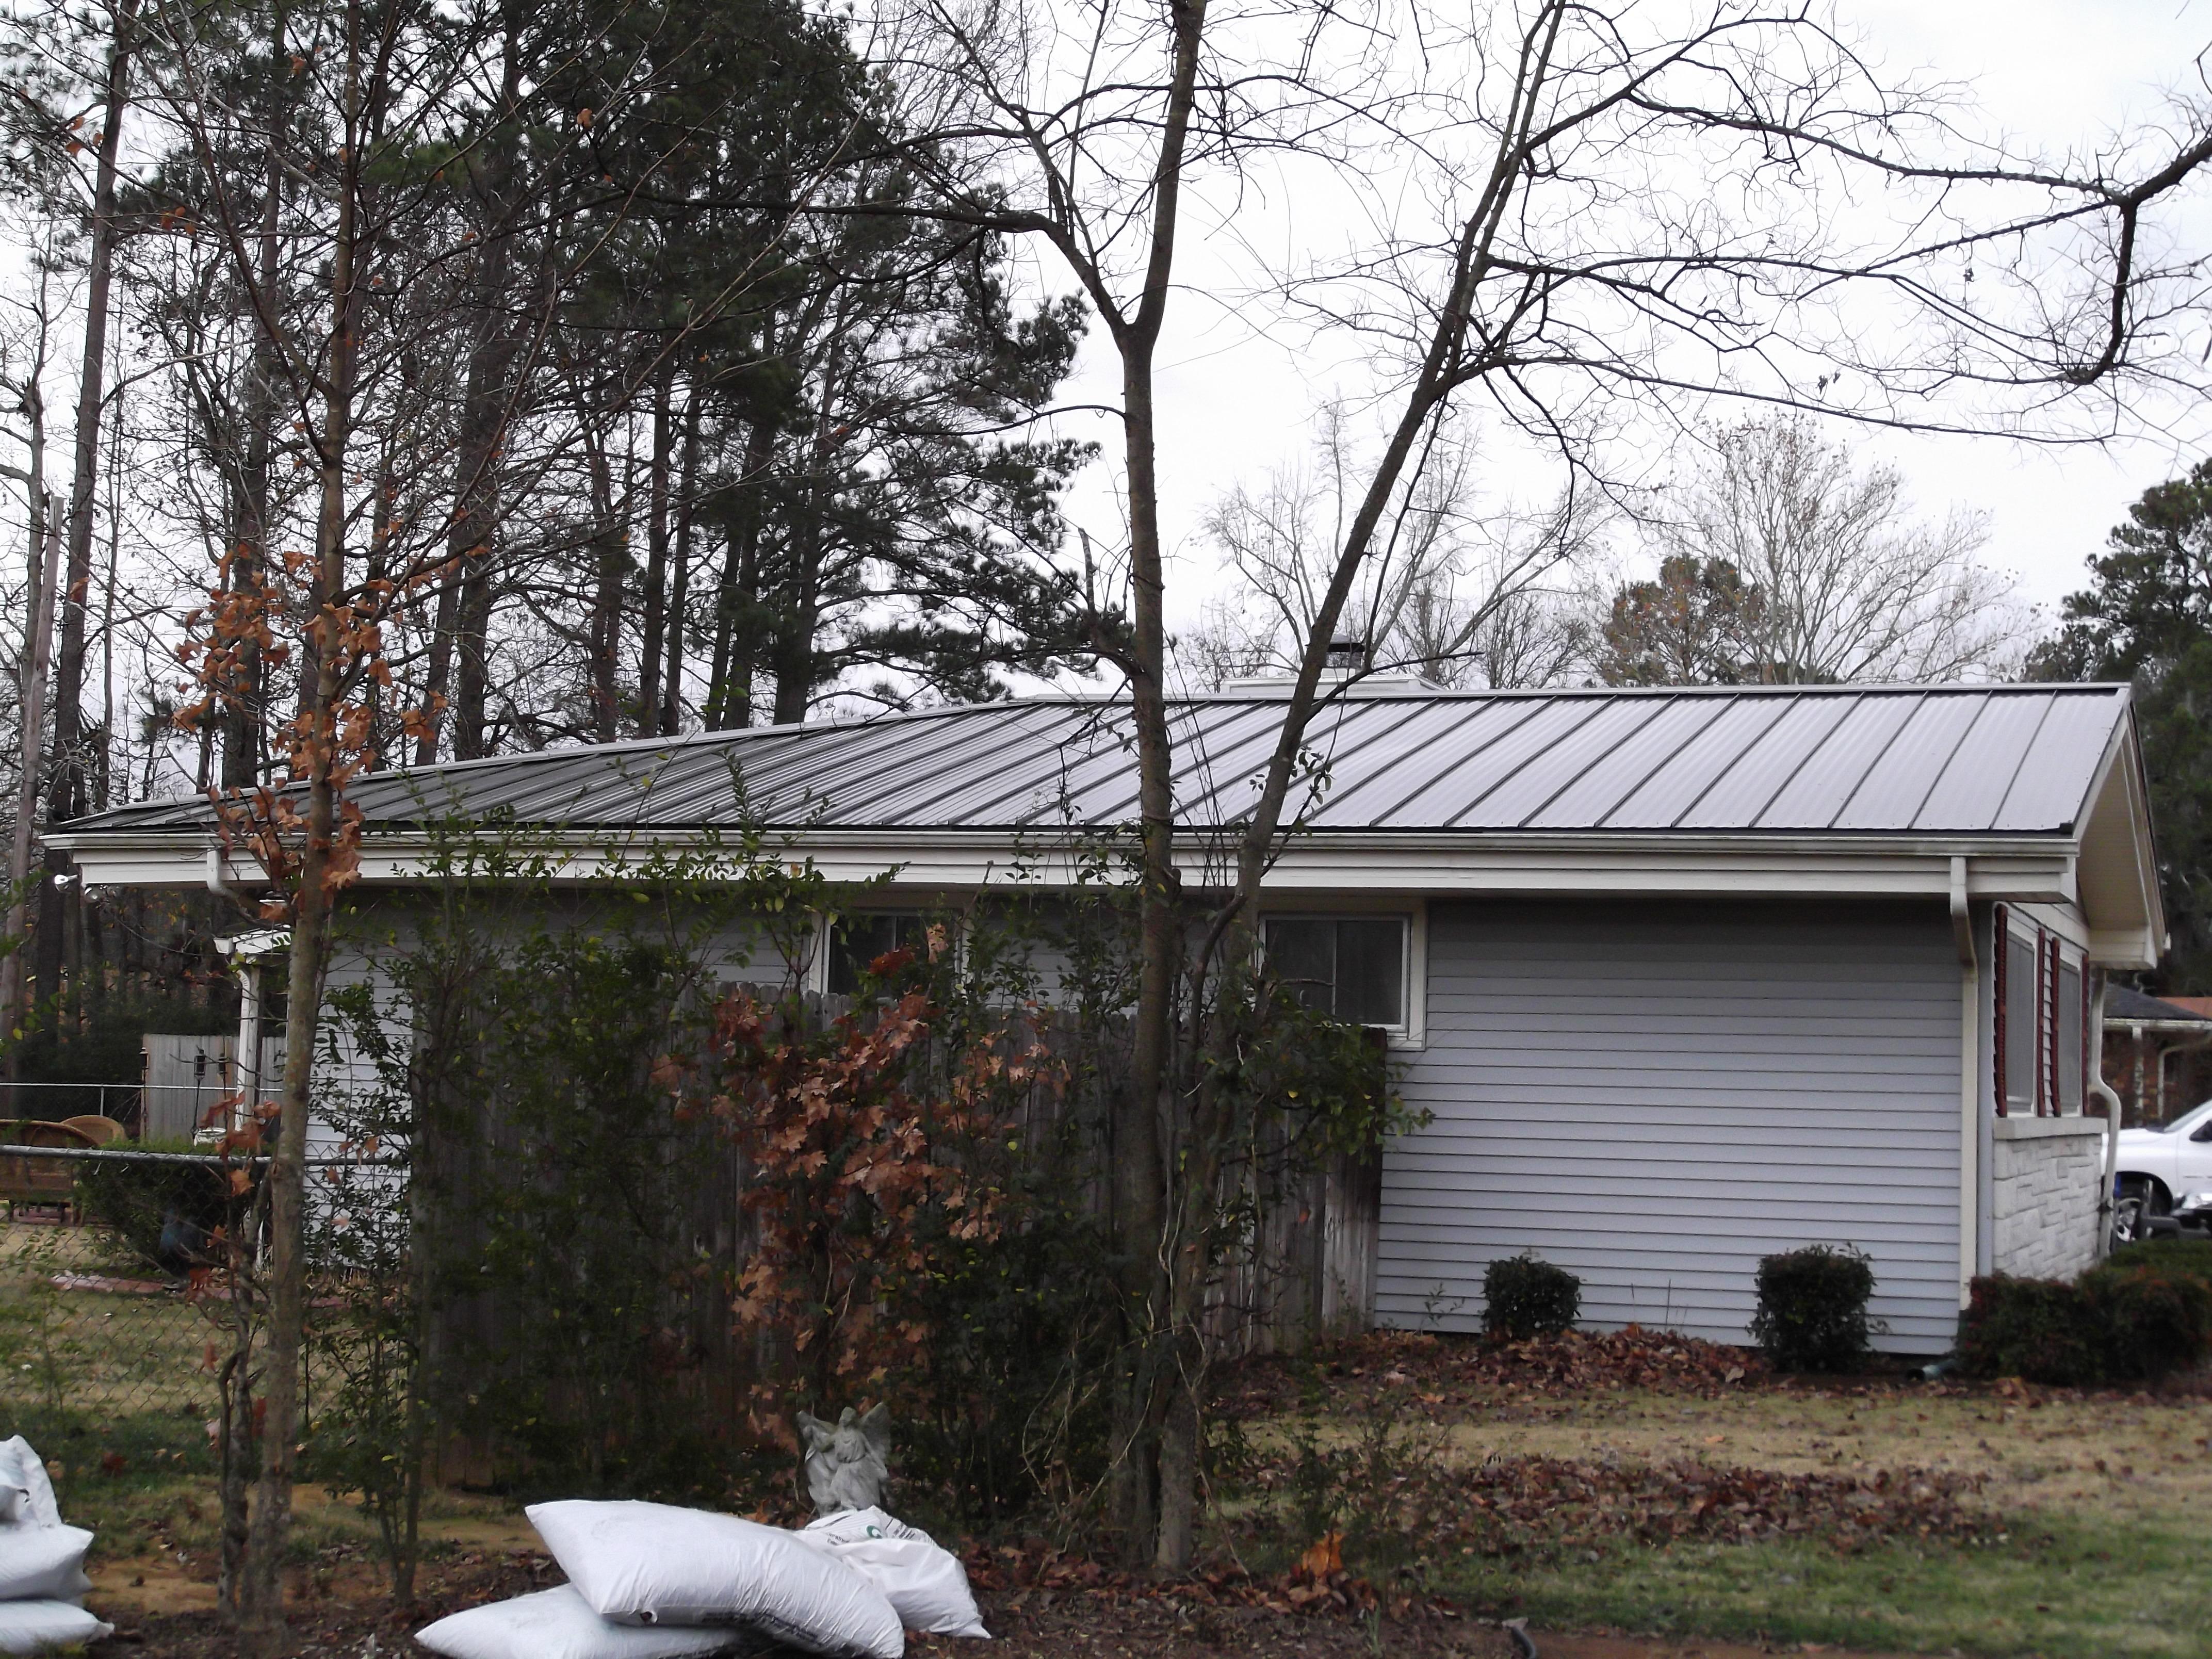 12-15-2011 111.jpg